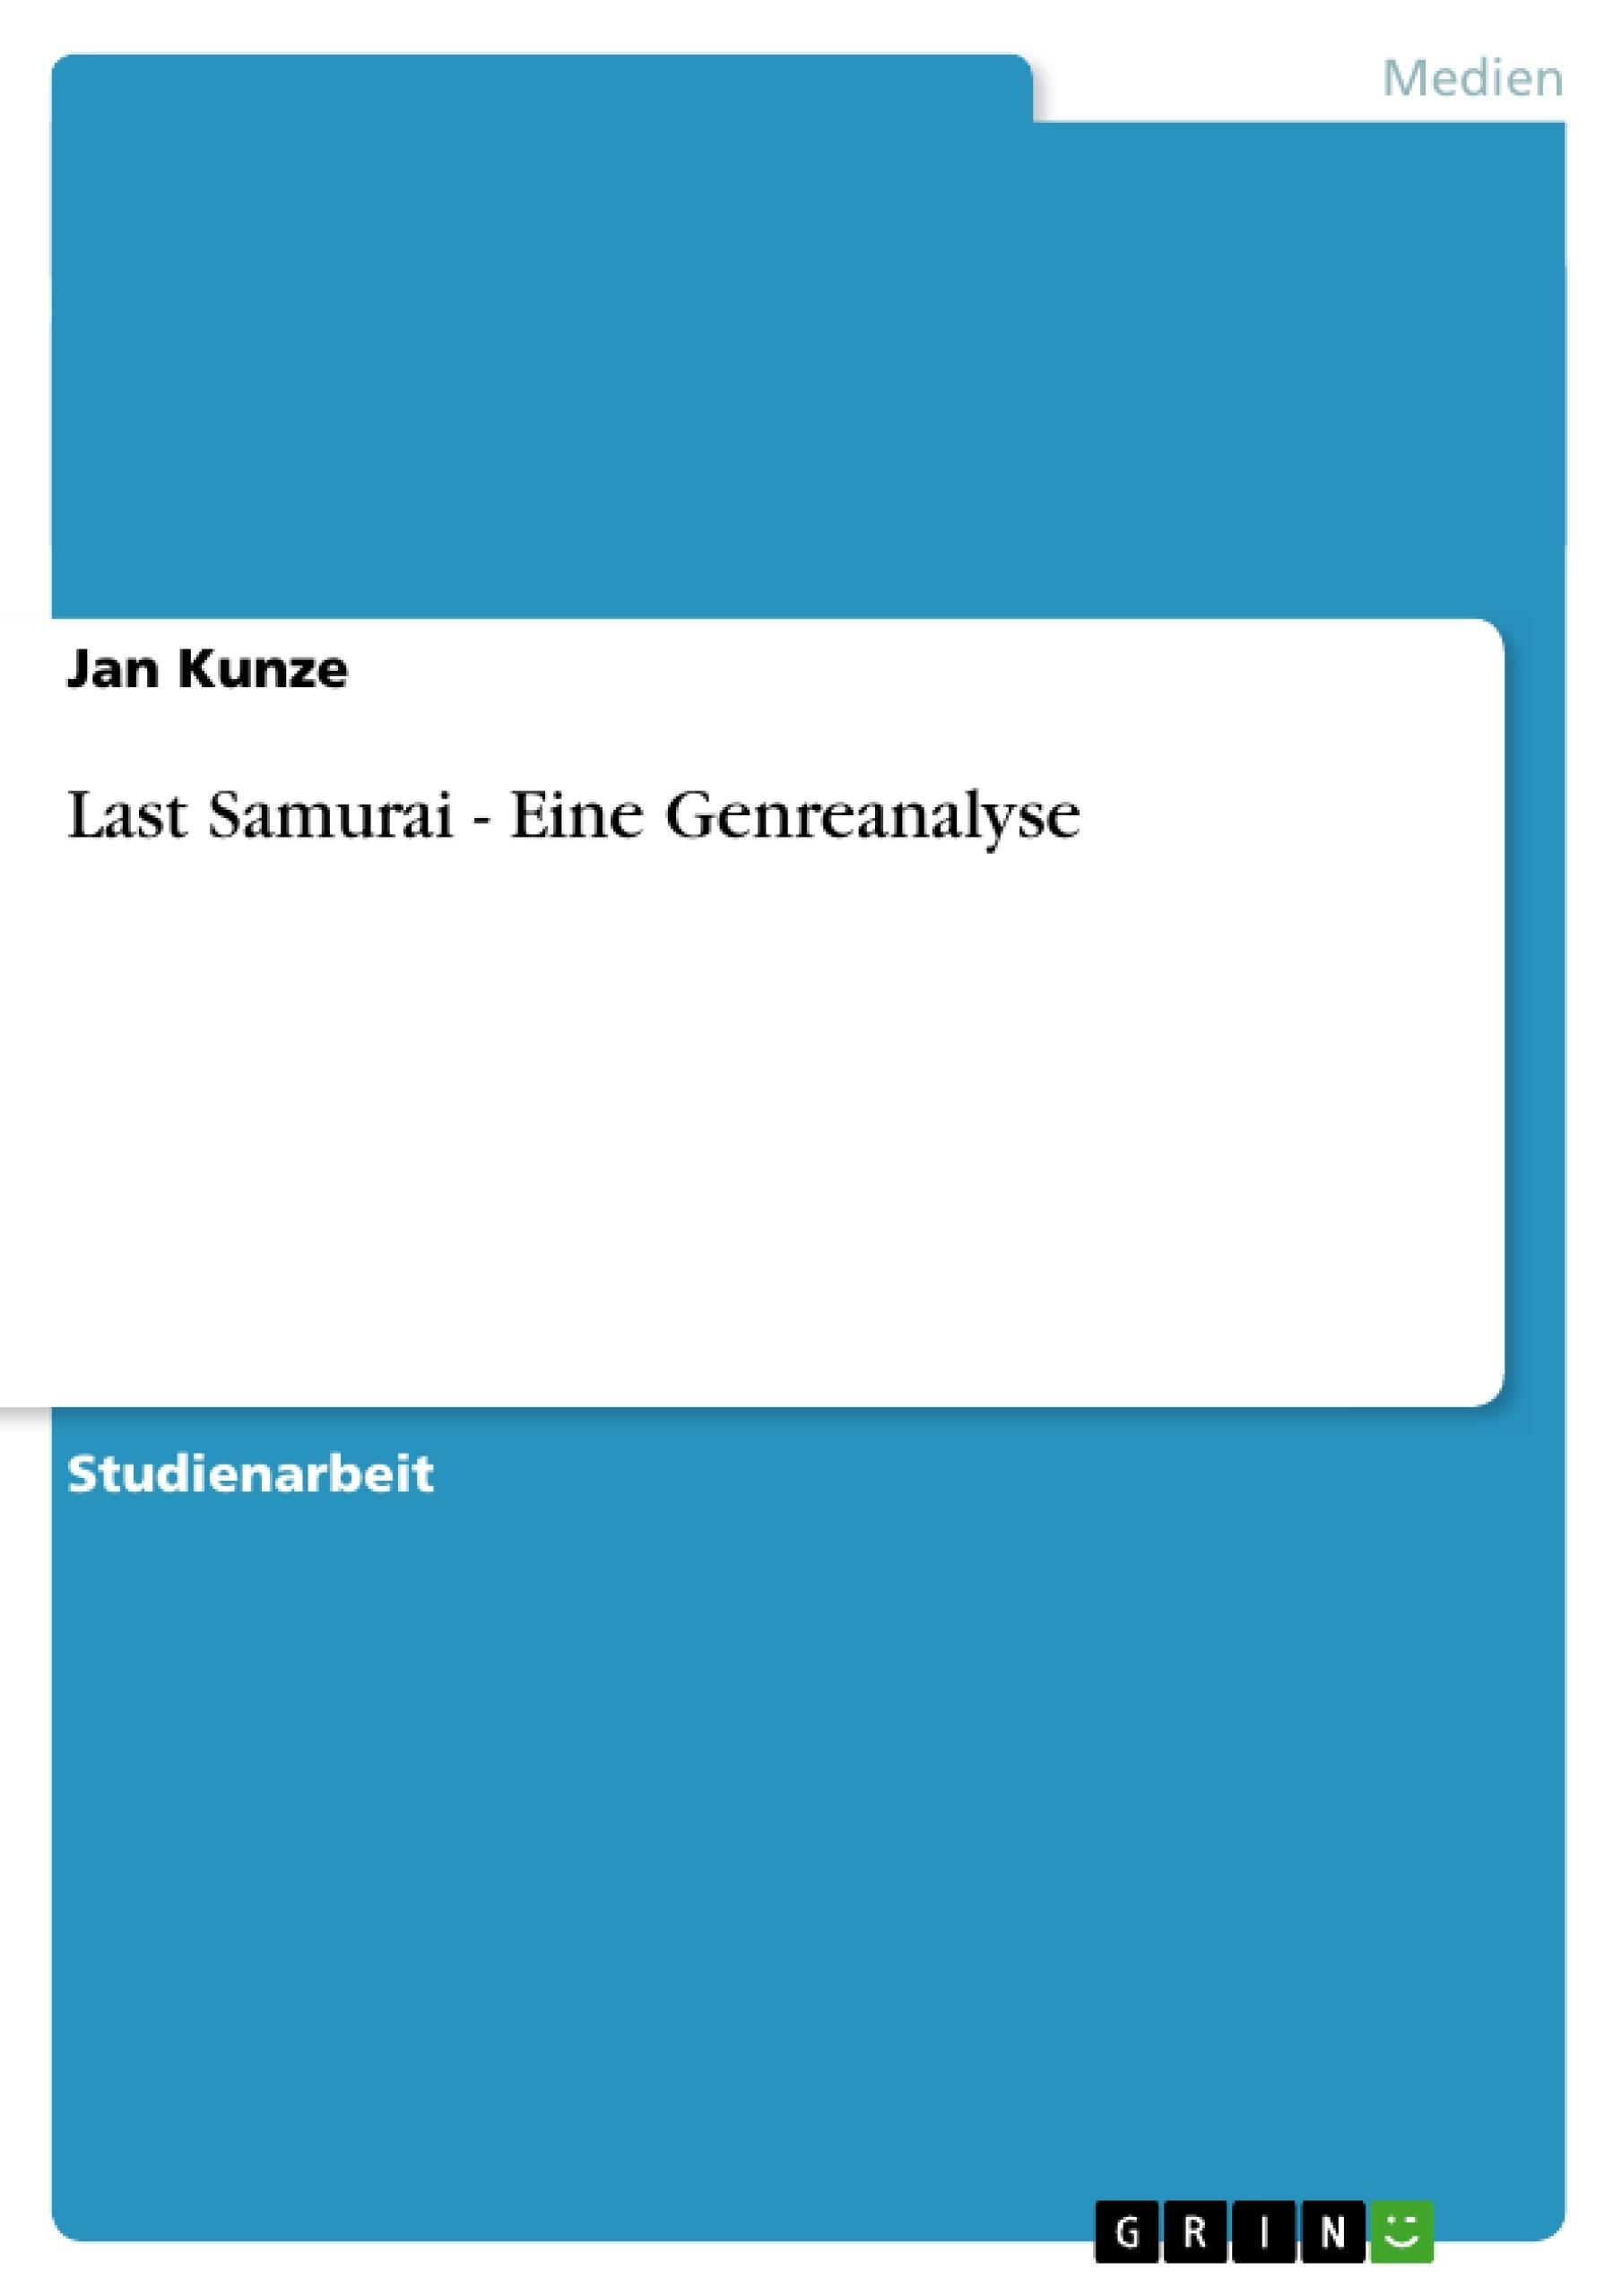 Titel: Last Samurai - Eine Genreanalyse